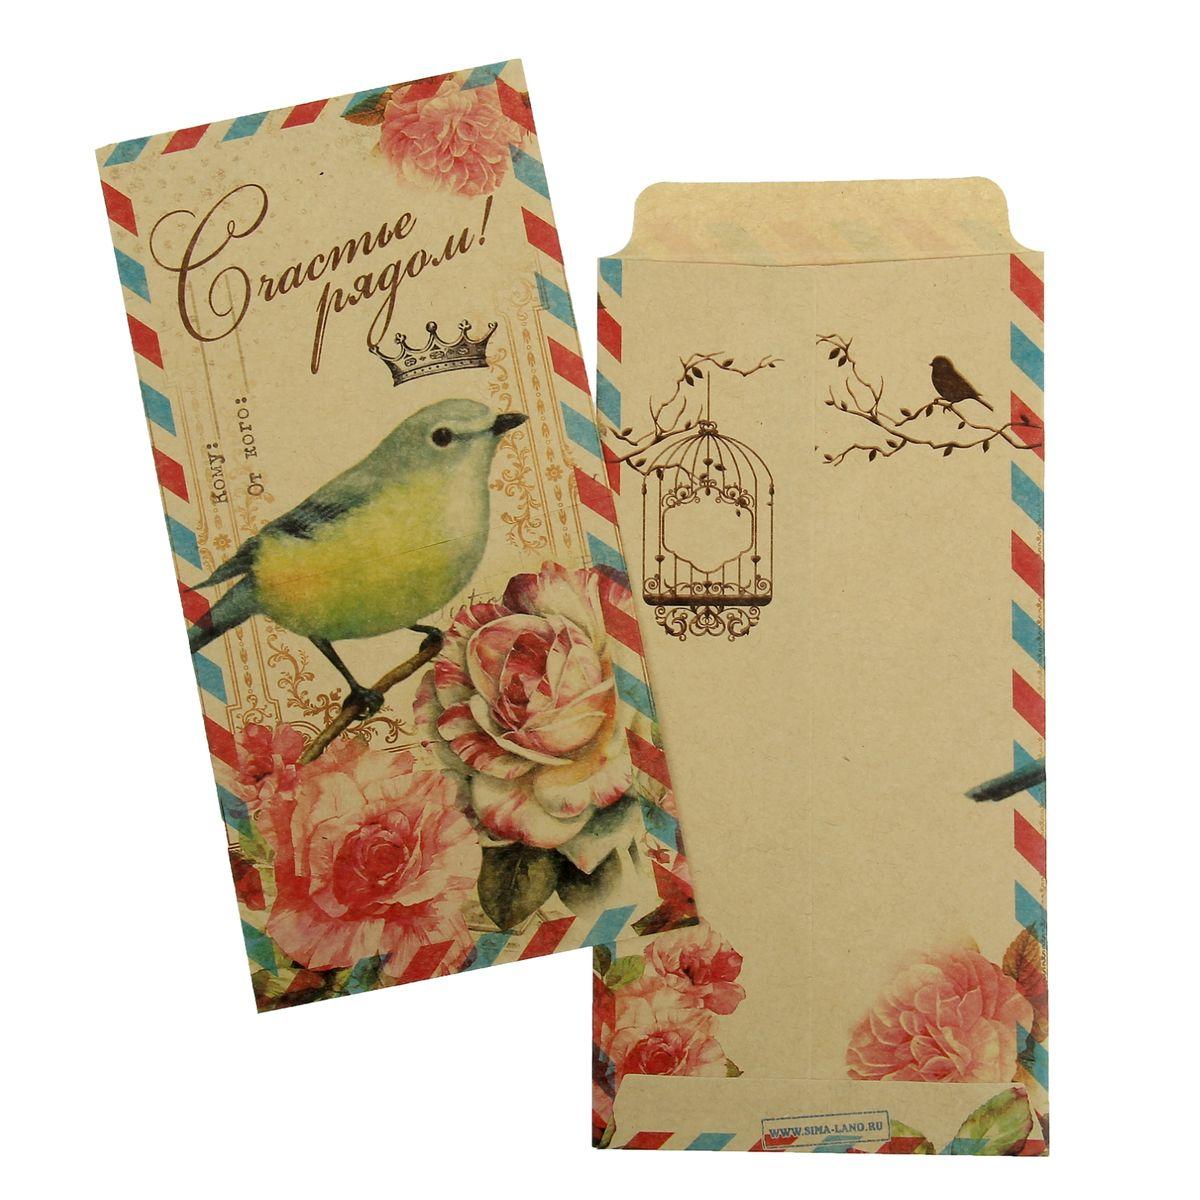 Конверт подарочный Счастье рядом конверт подарочный следуй за мечтой